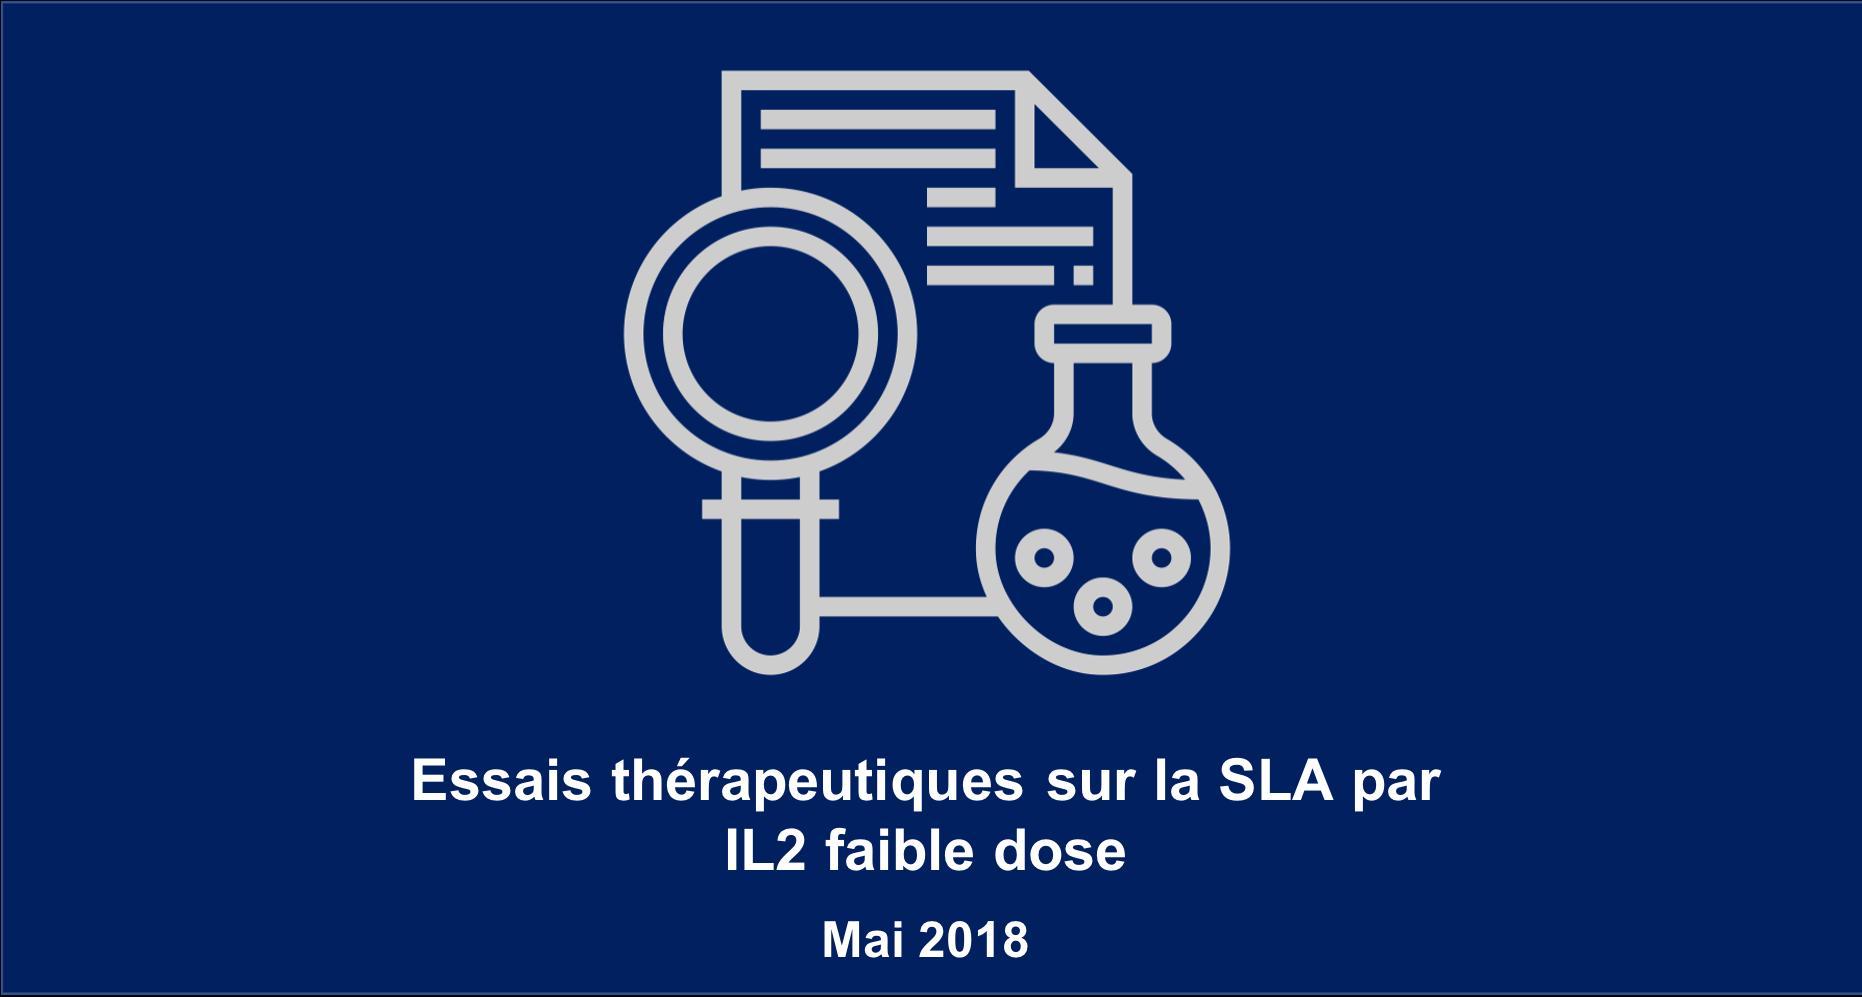 Essai thérapeutique dans la SLA par IL2 à faible dose